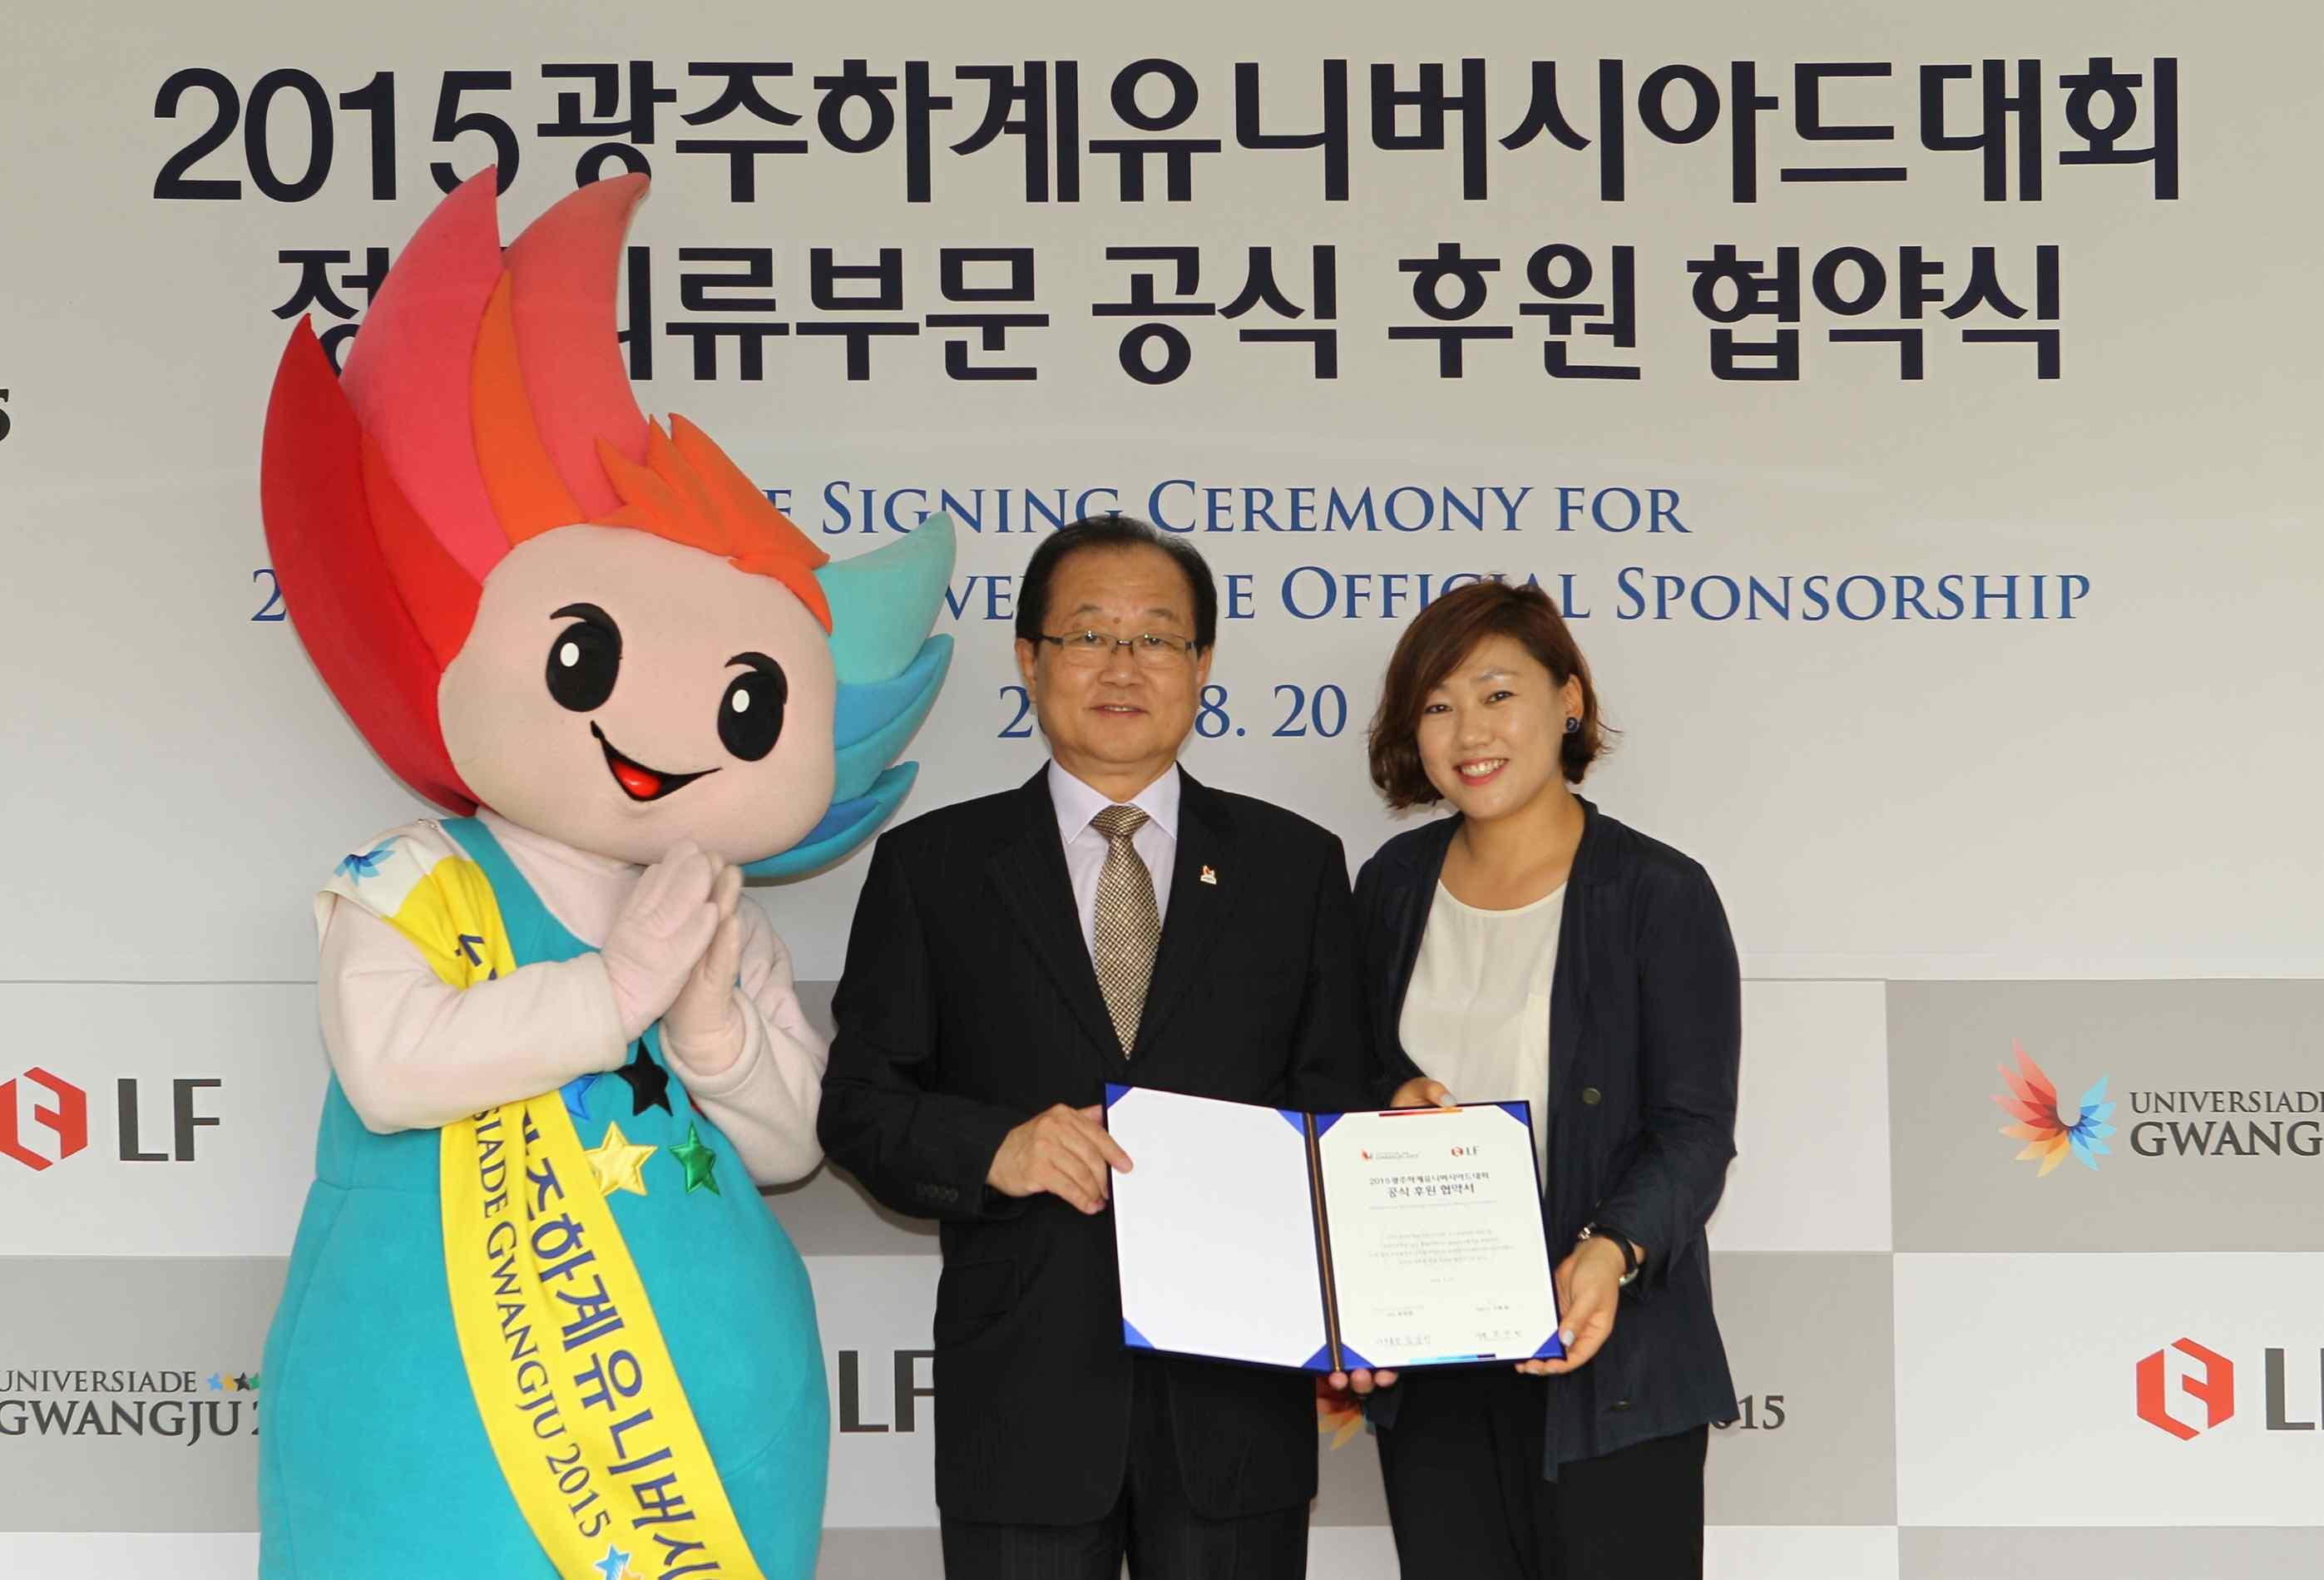 Kim Yoon-suk and Jo Su-bin mark the beginning of the partnership between Gwangju 2015 and LF Corp ©Gwangju 2015